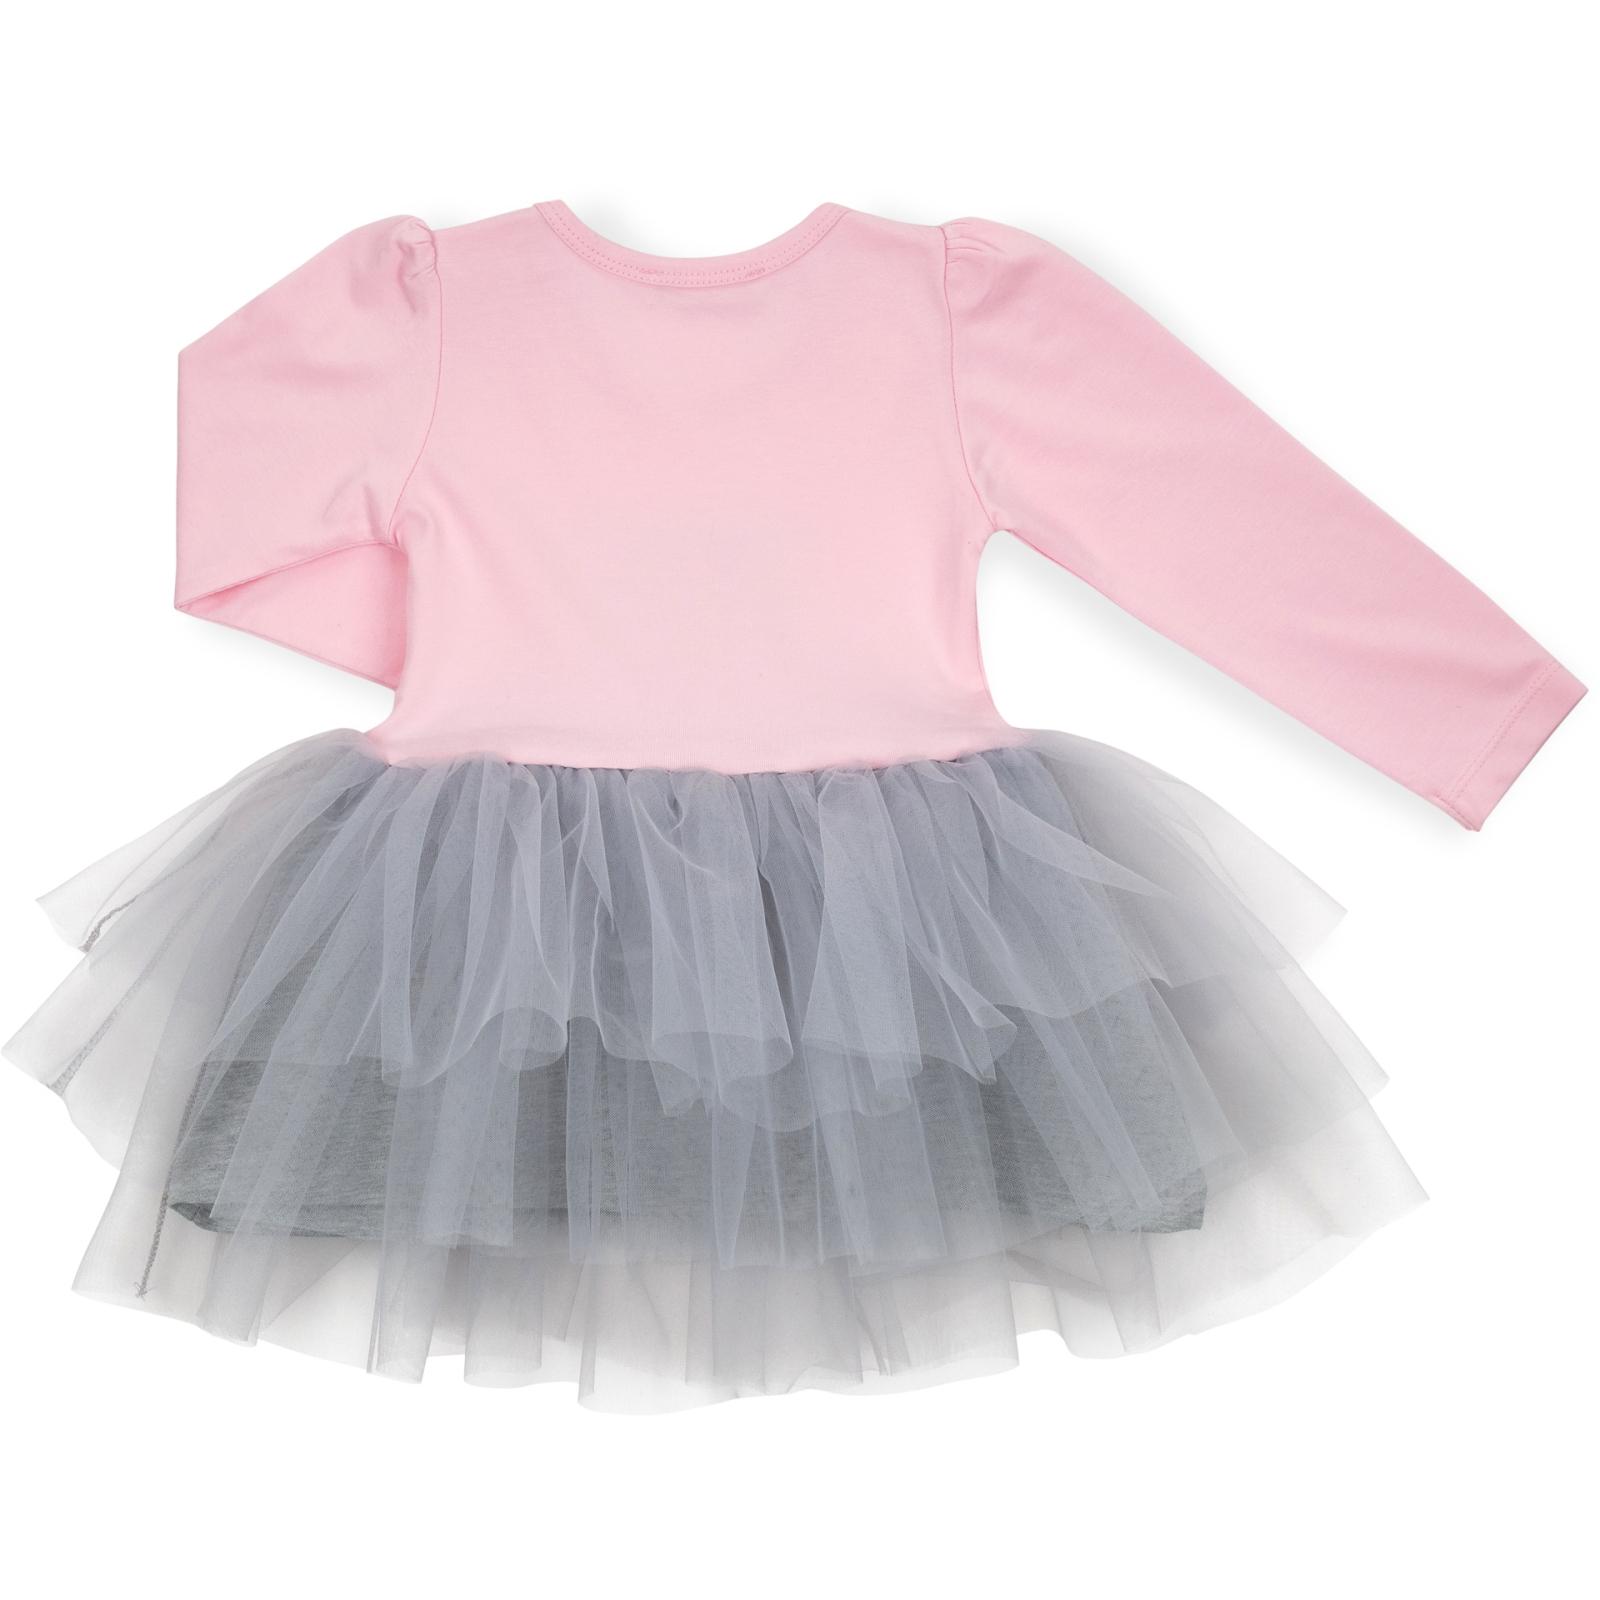 Платье Breeze с фатиновой юбкой (10498-80G-lpink) изображение 2